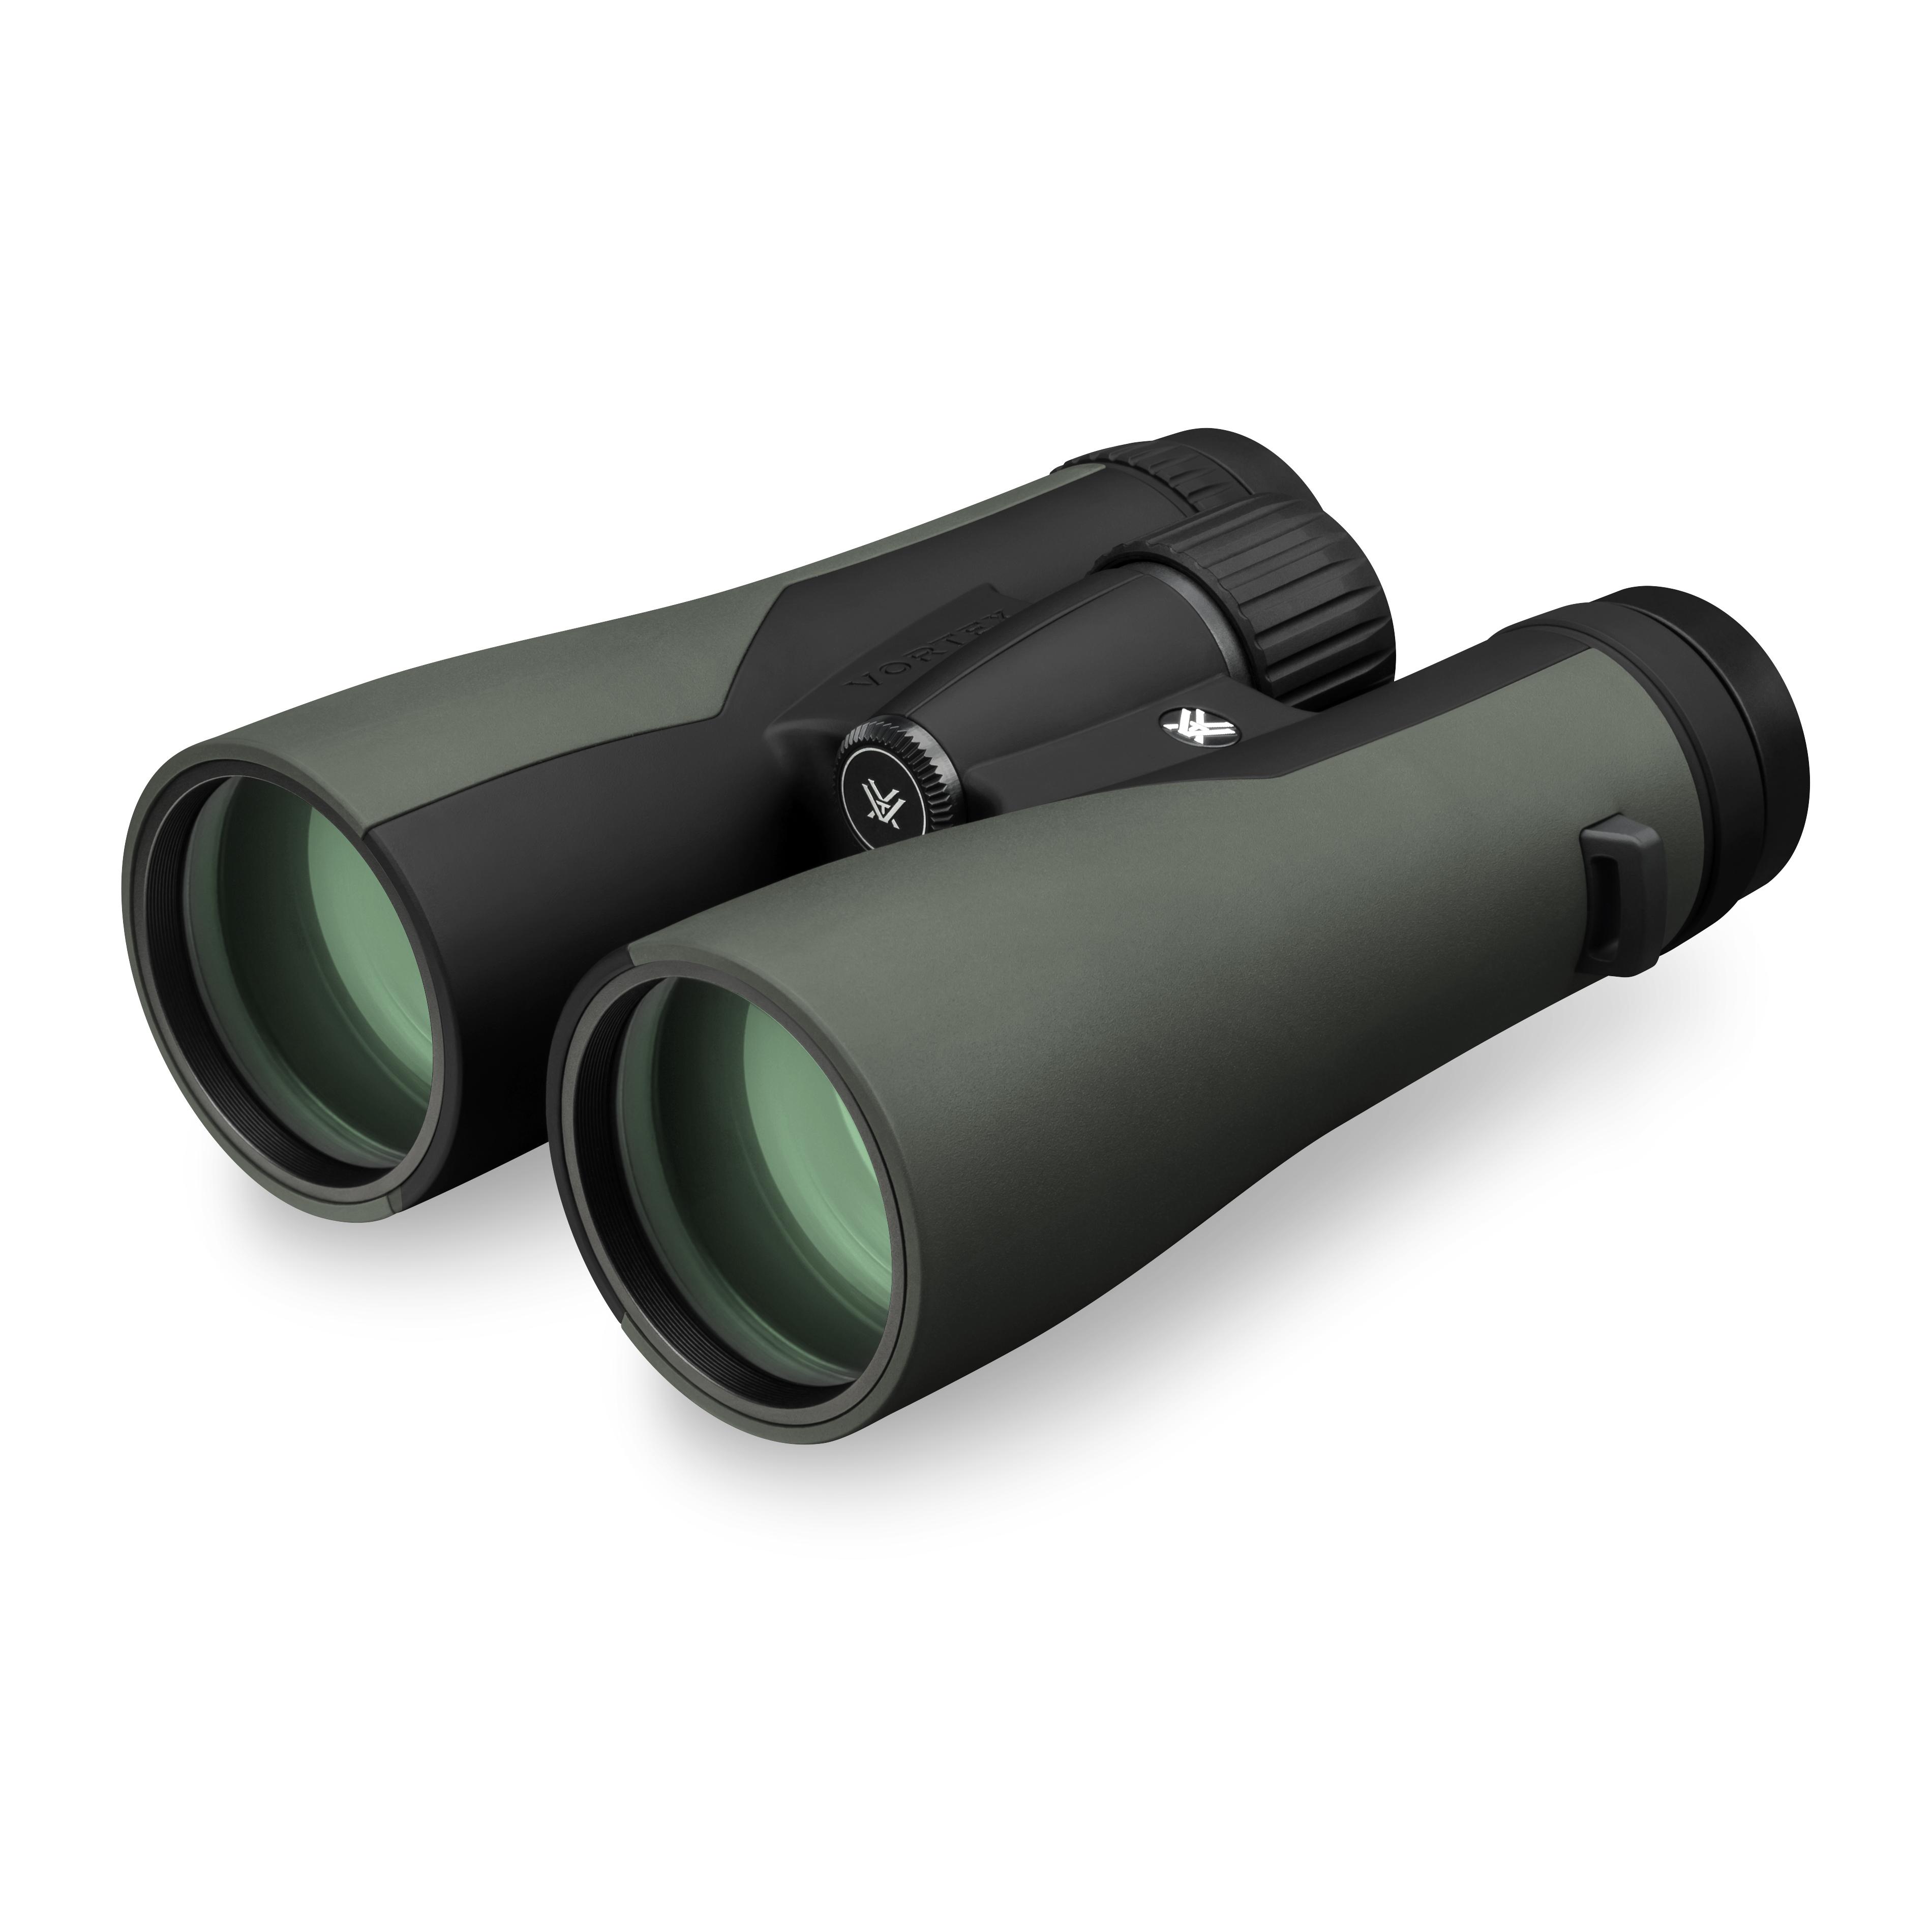 Murdoch S Vortex Crossfire 12x50 Roof Prism Binocular